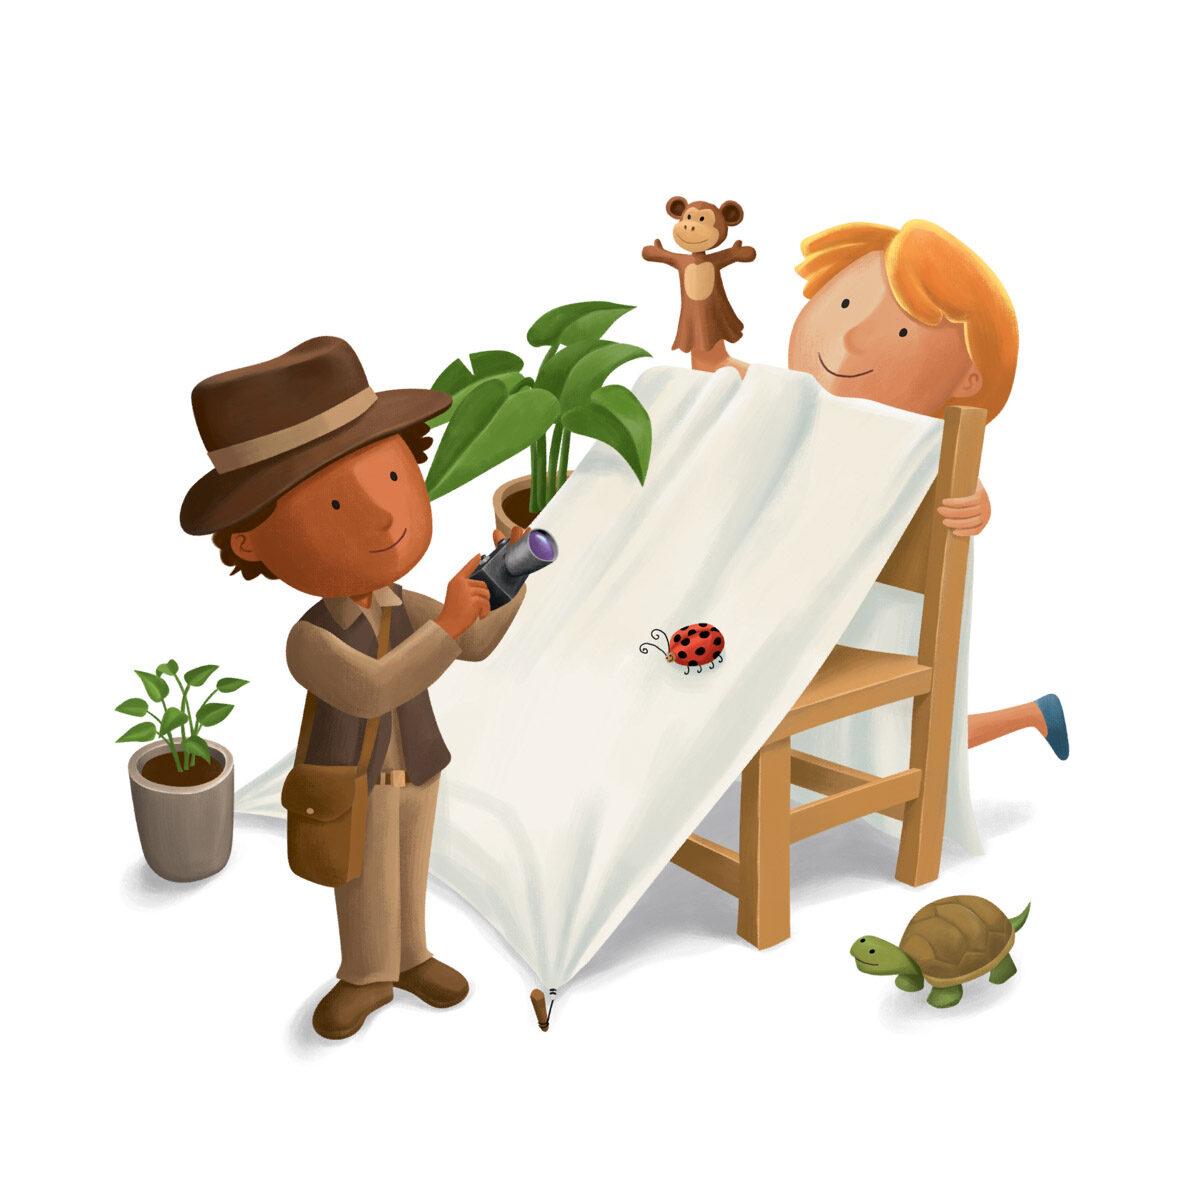 Ilustraçoes de Abertura e Capas para coleção Marcha Criança -  Editora Somos (Abril Educação)